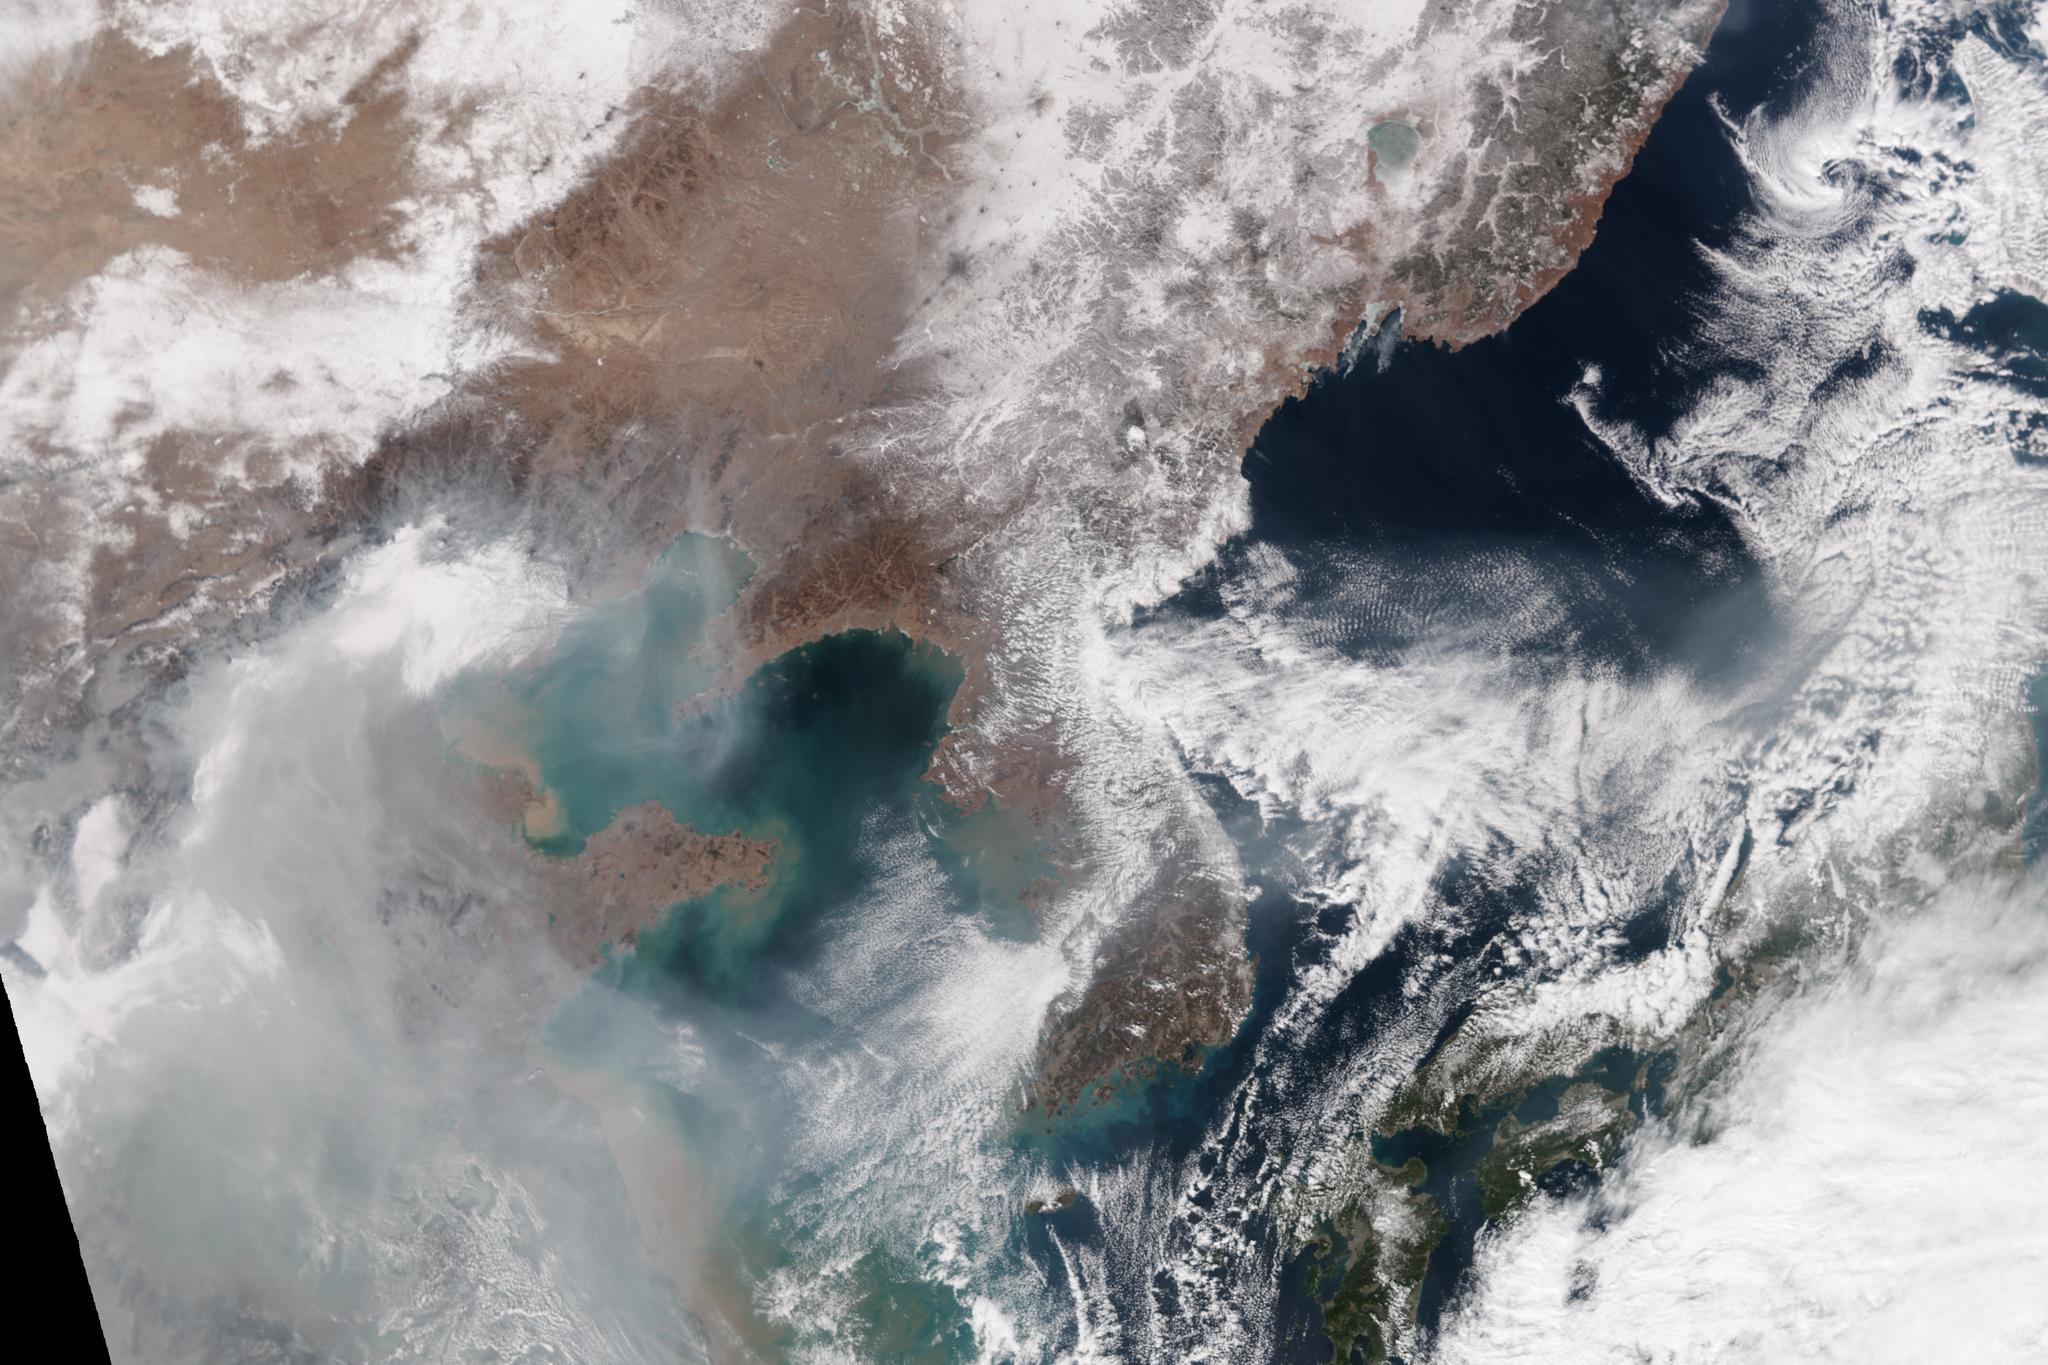 2014년 2월 20일 NASA가 촬영한 인공위성 사진, 오염물질이 대부분 중국에 머물러 있다.